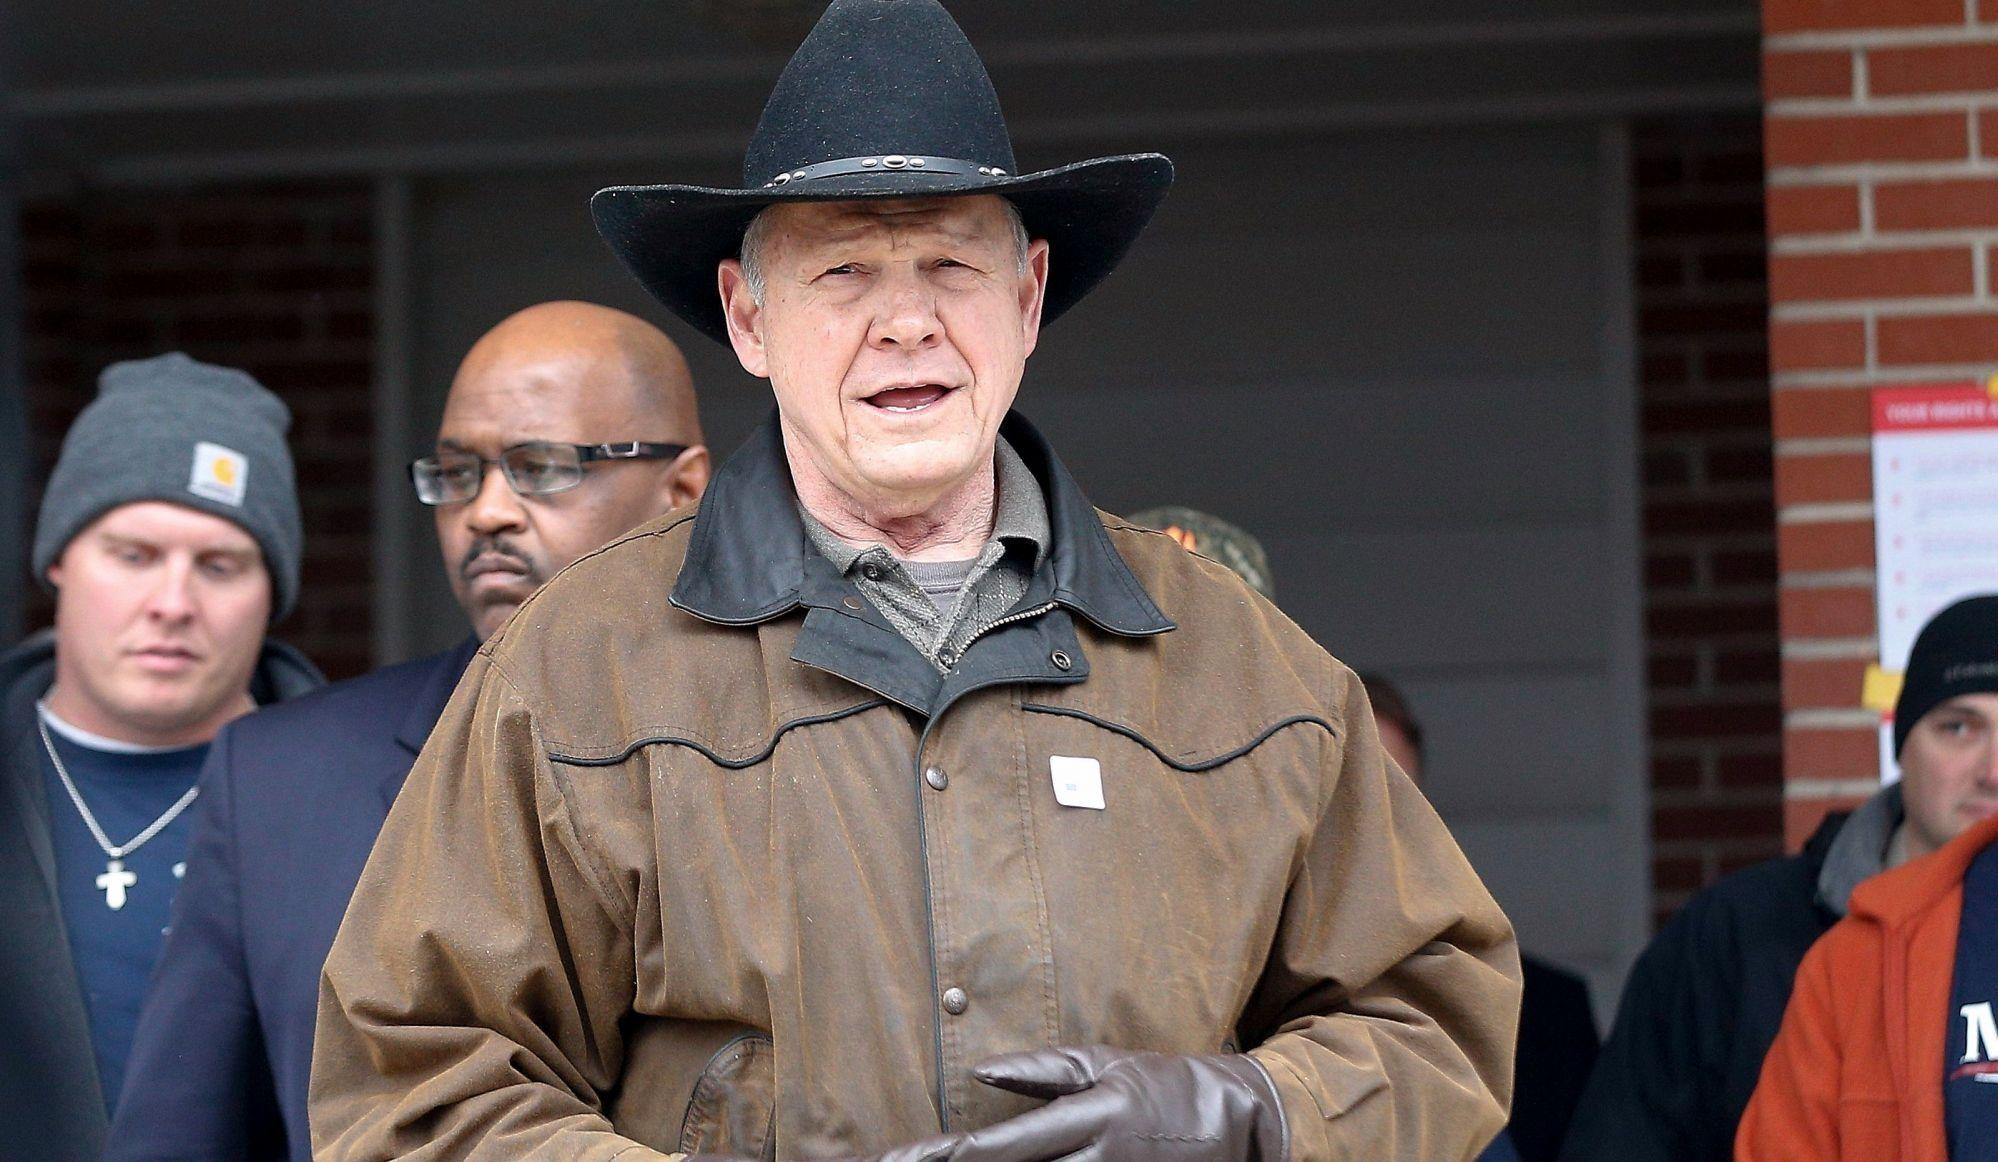 Alabama: Doug Jones officiellement déclaré vainqueur face à Roy Moore